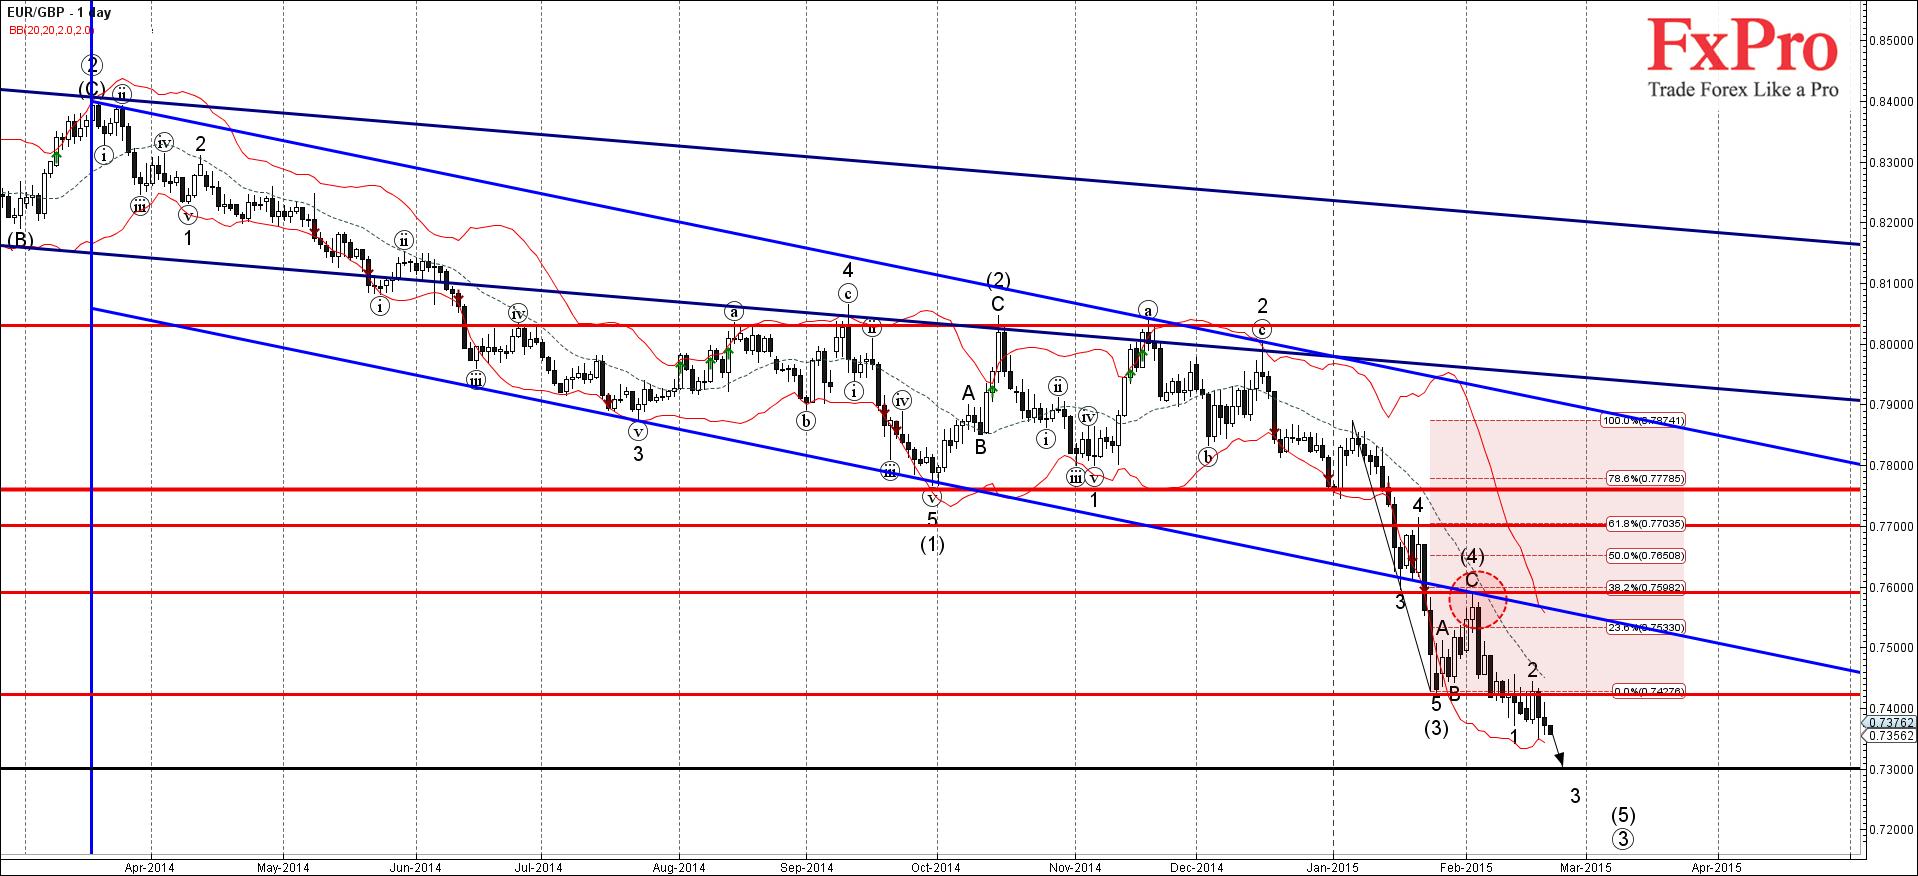 EUR/GBP сильно падет после прорыва 0.7700 и 0.7650